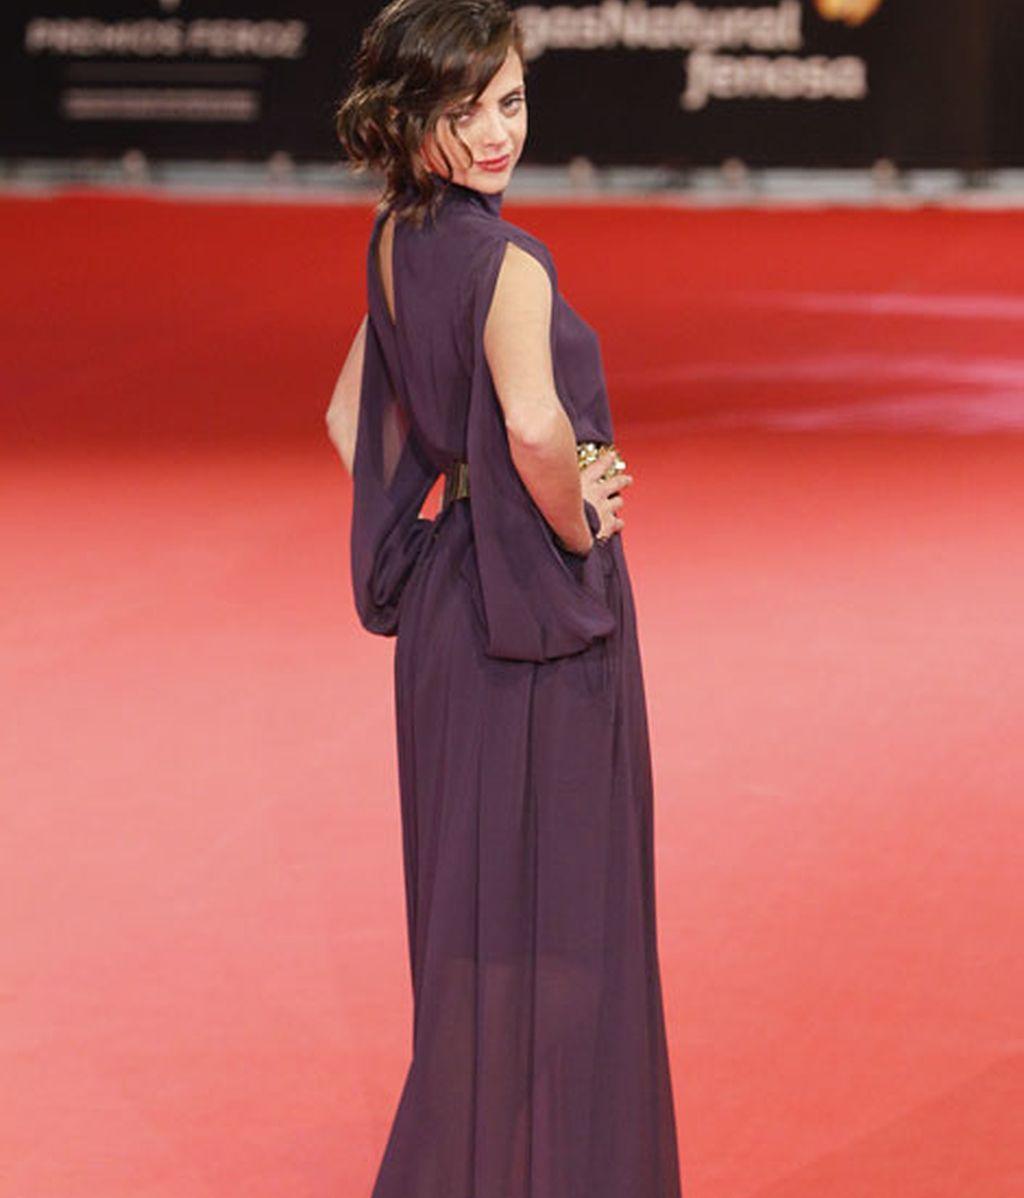 Macarena Gómez con un vestido largo en tonos lilas